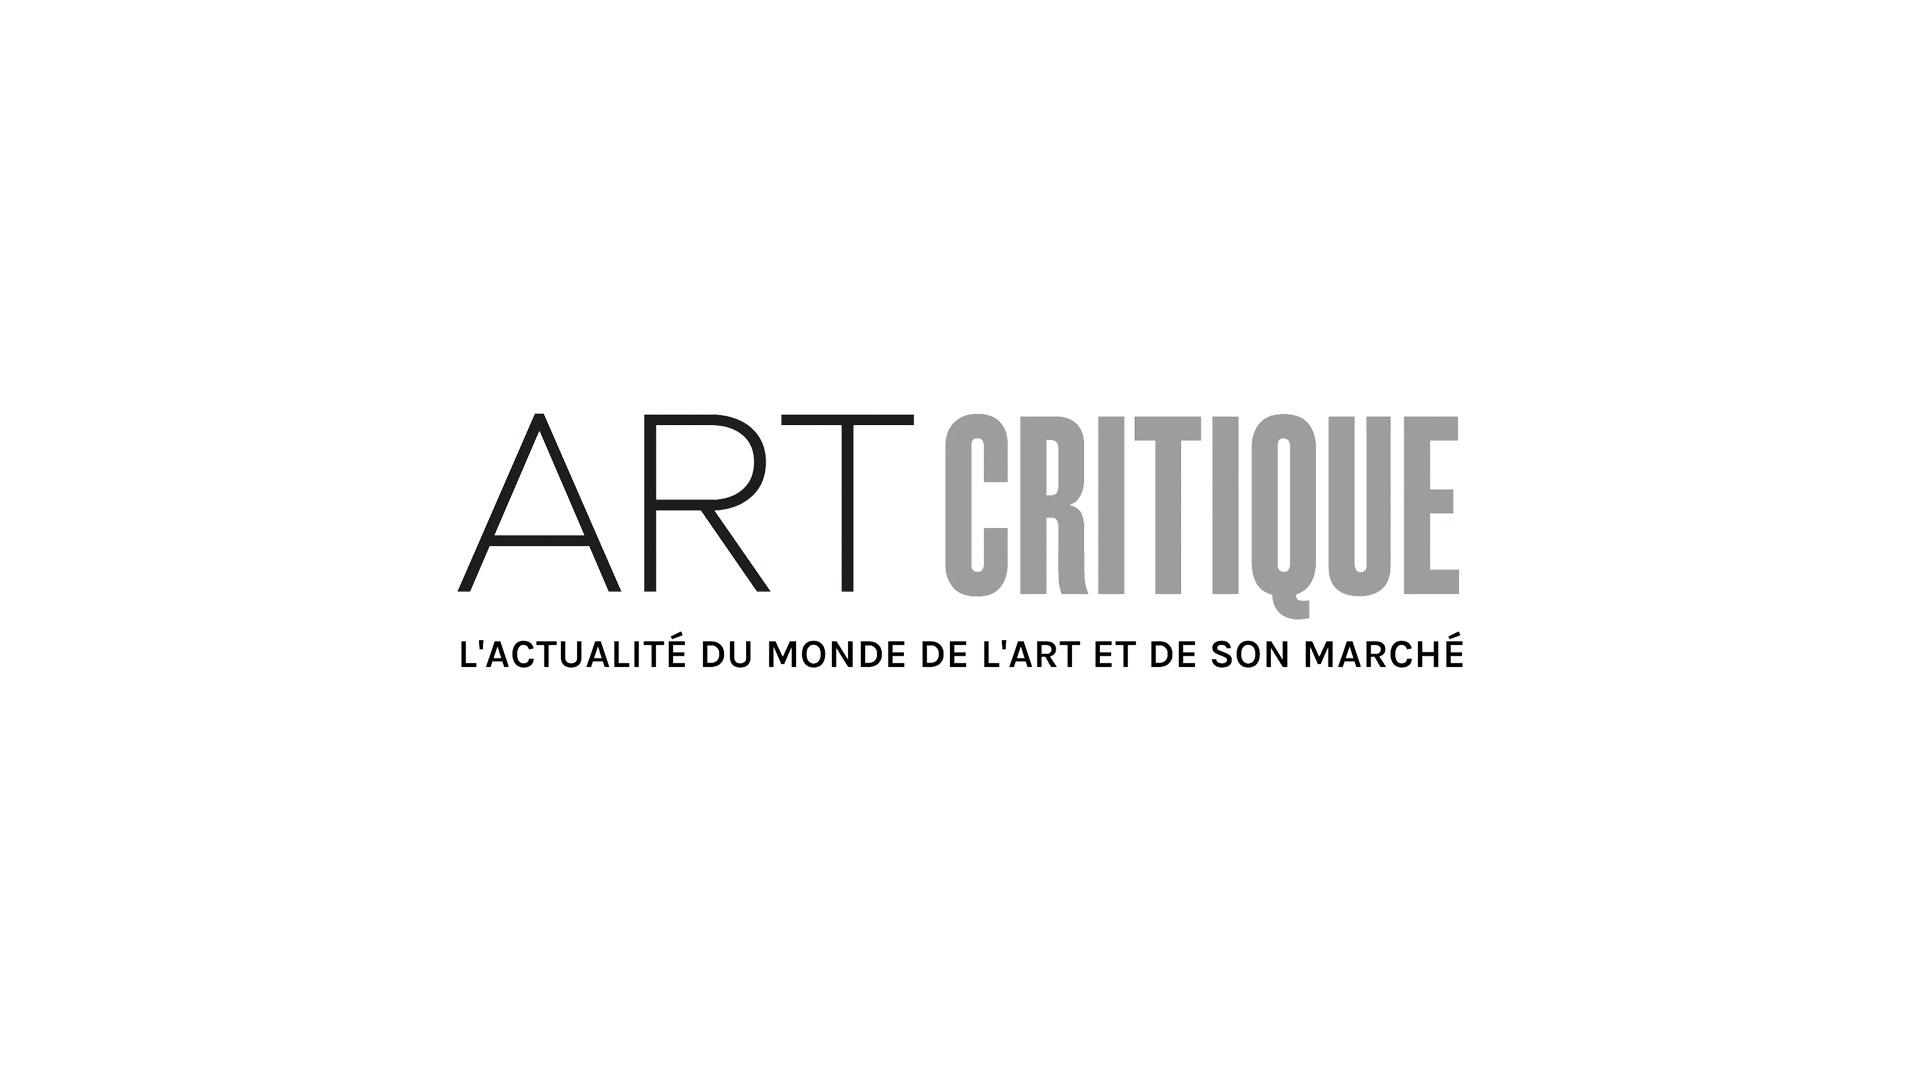 La phase figurative de Mondrian au Musée Marmottan Monet